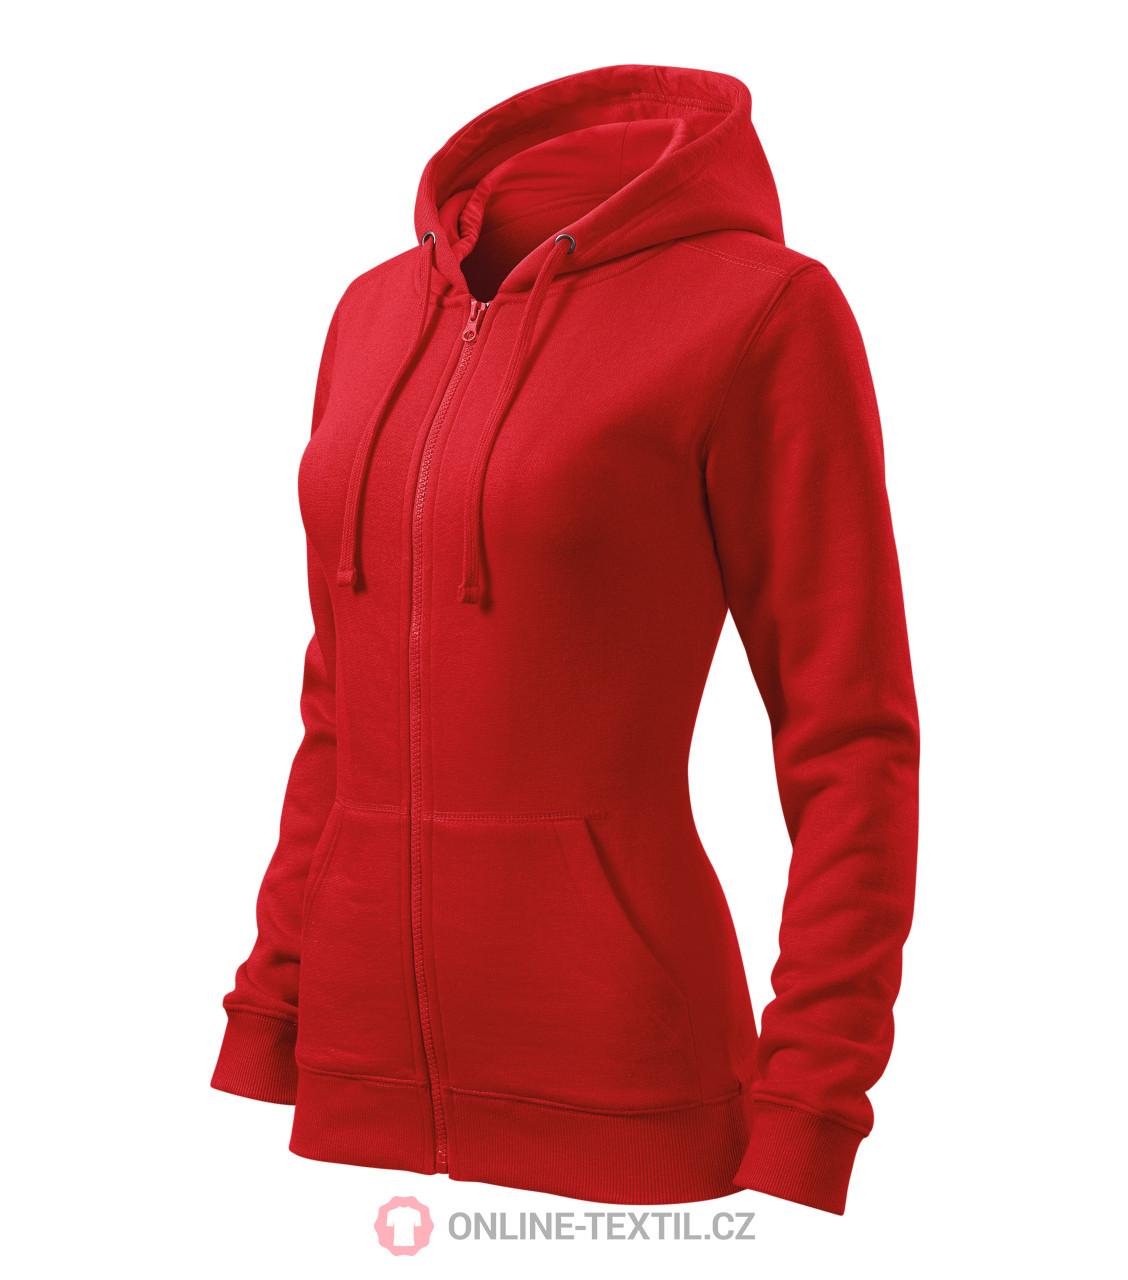 24ce597aa ADLER CZECH Dámska mikina Trendy Zipper s kapucňou 411 - červená z ...